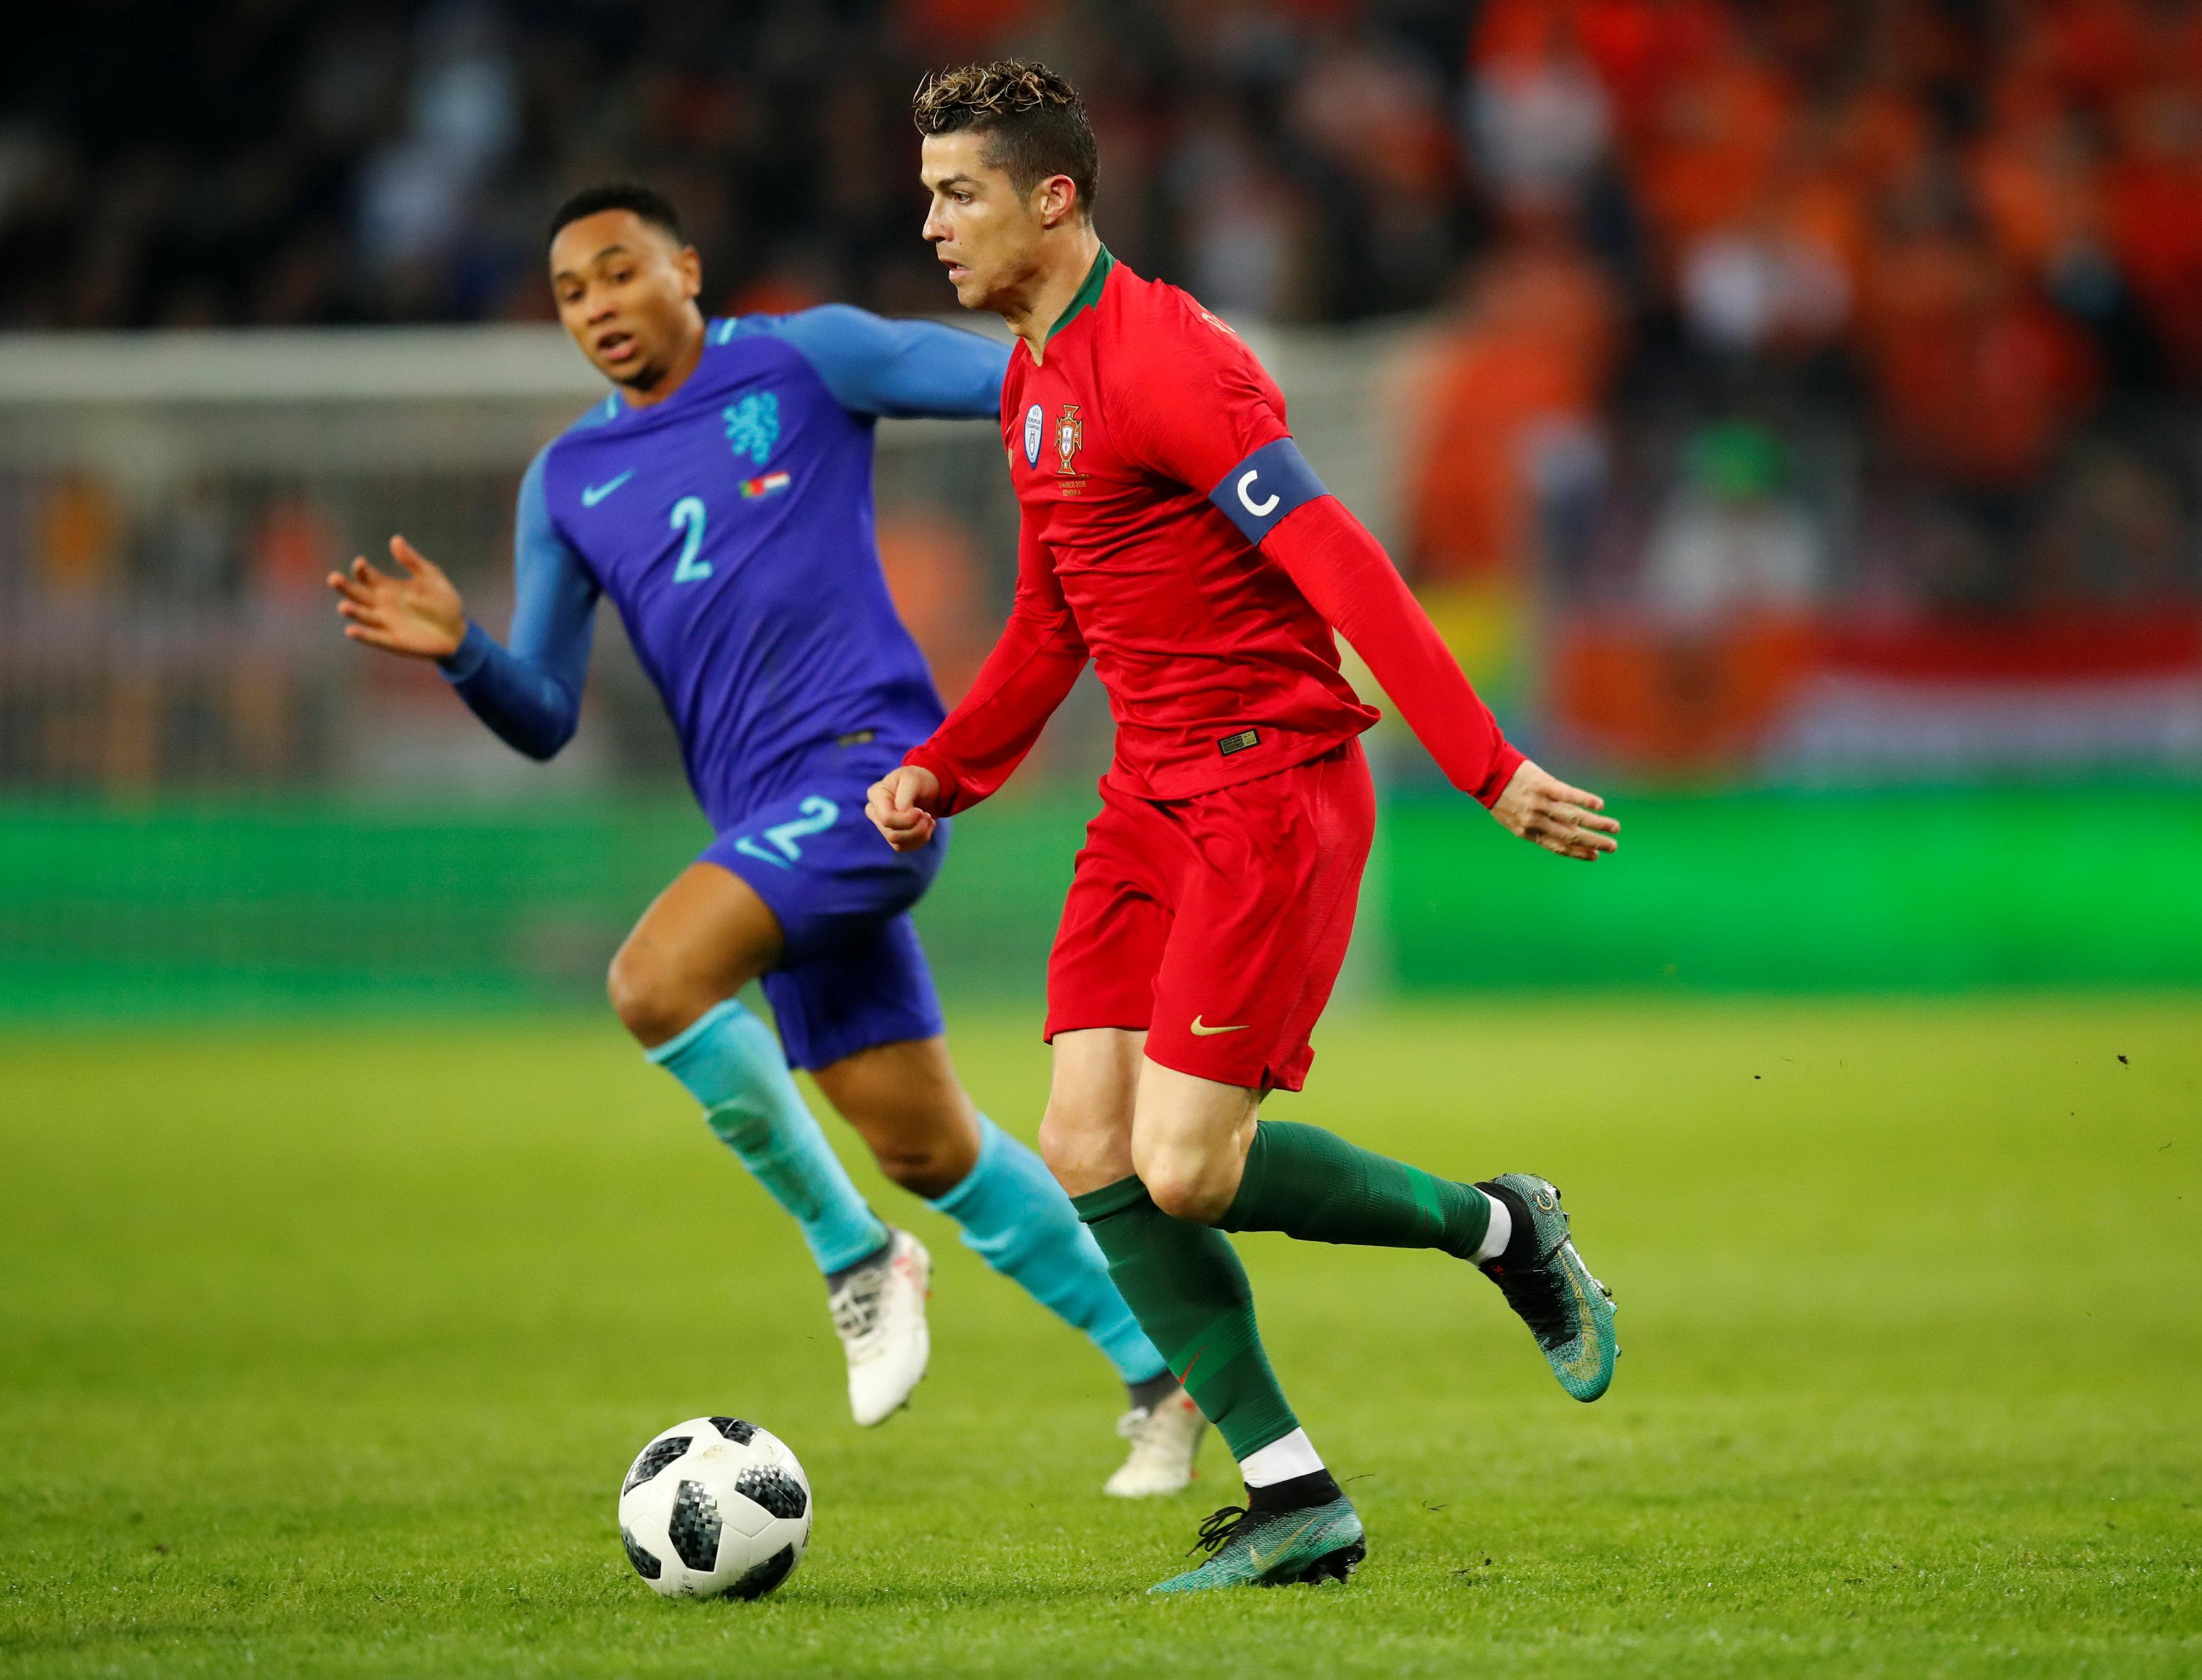 Người hâm mộ VN chờ xem màn trình diễn của các ngôi sao như Ronaldo (phải) ở World Cup 2018. Ảnh: REUTERS